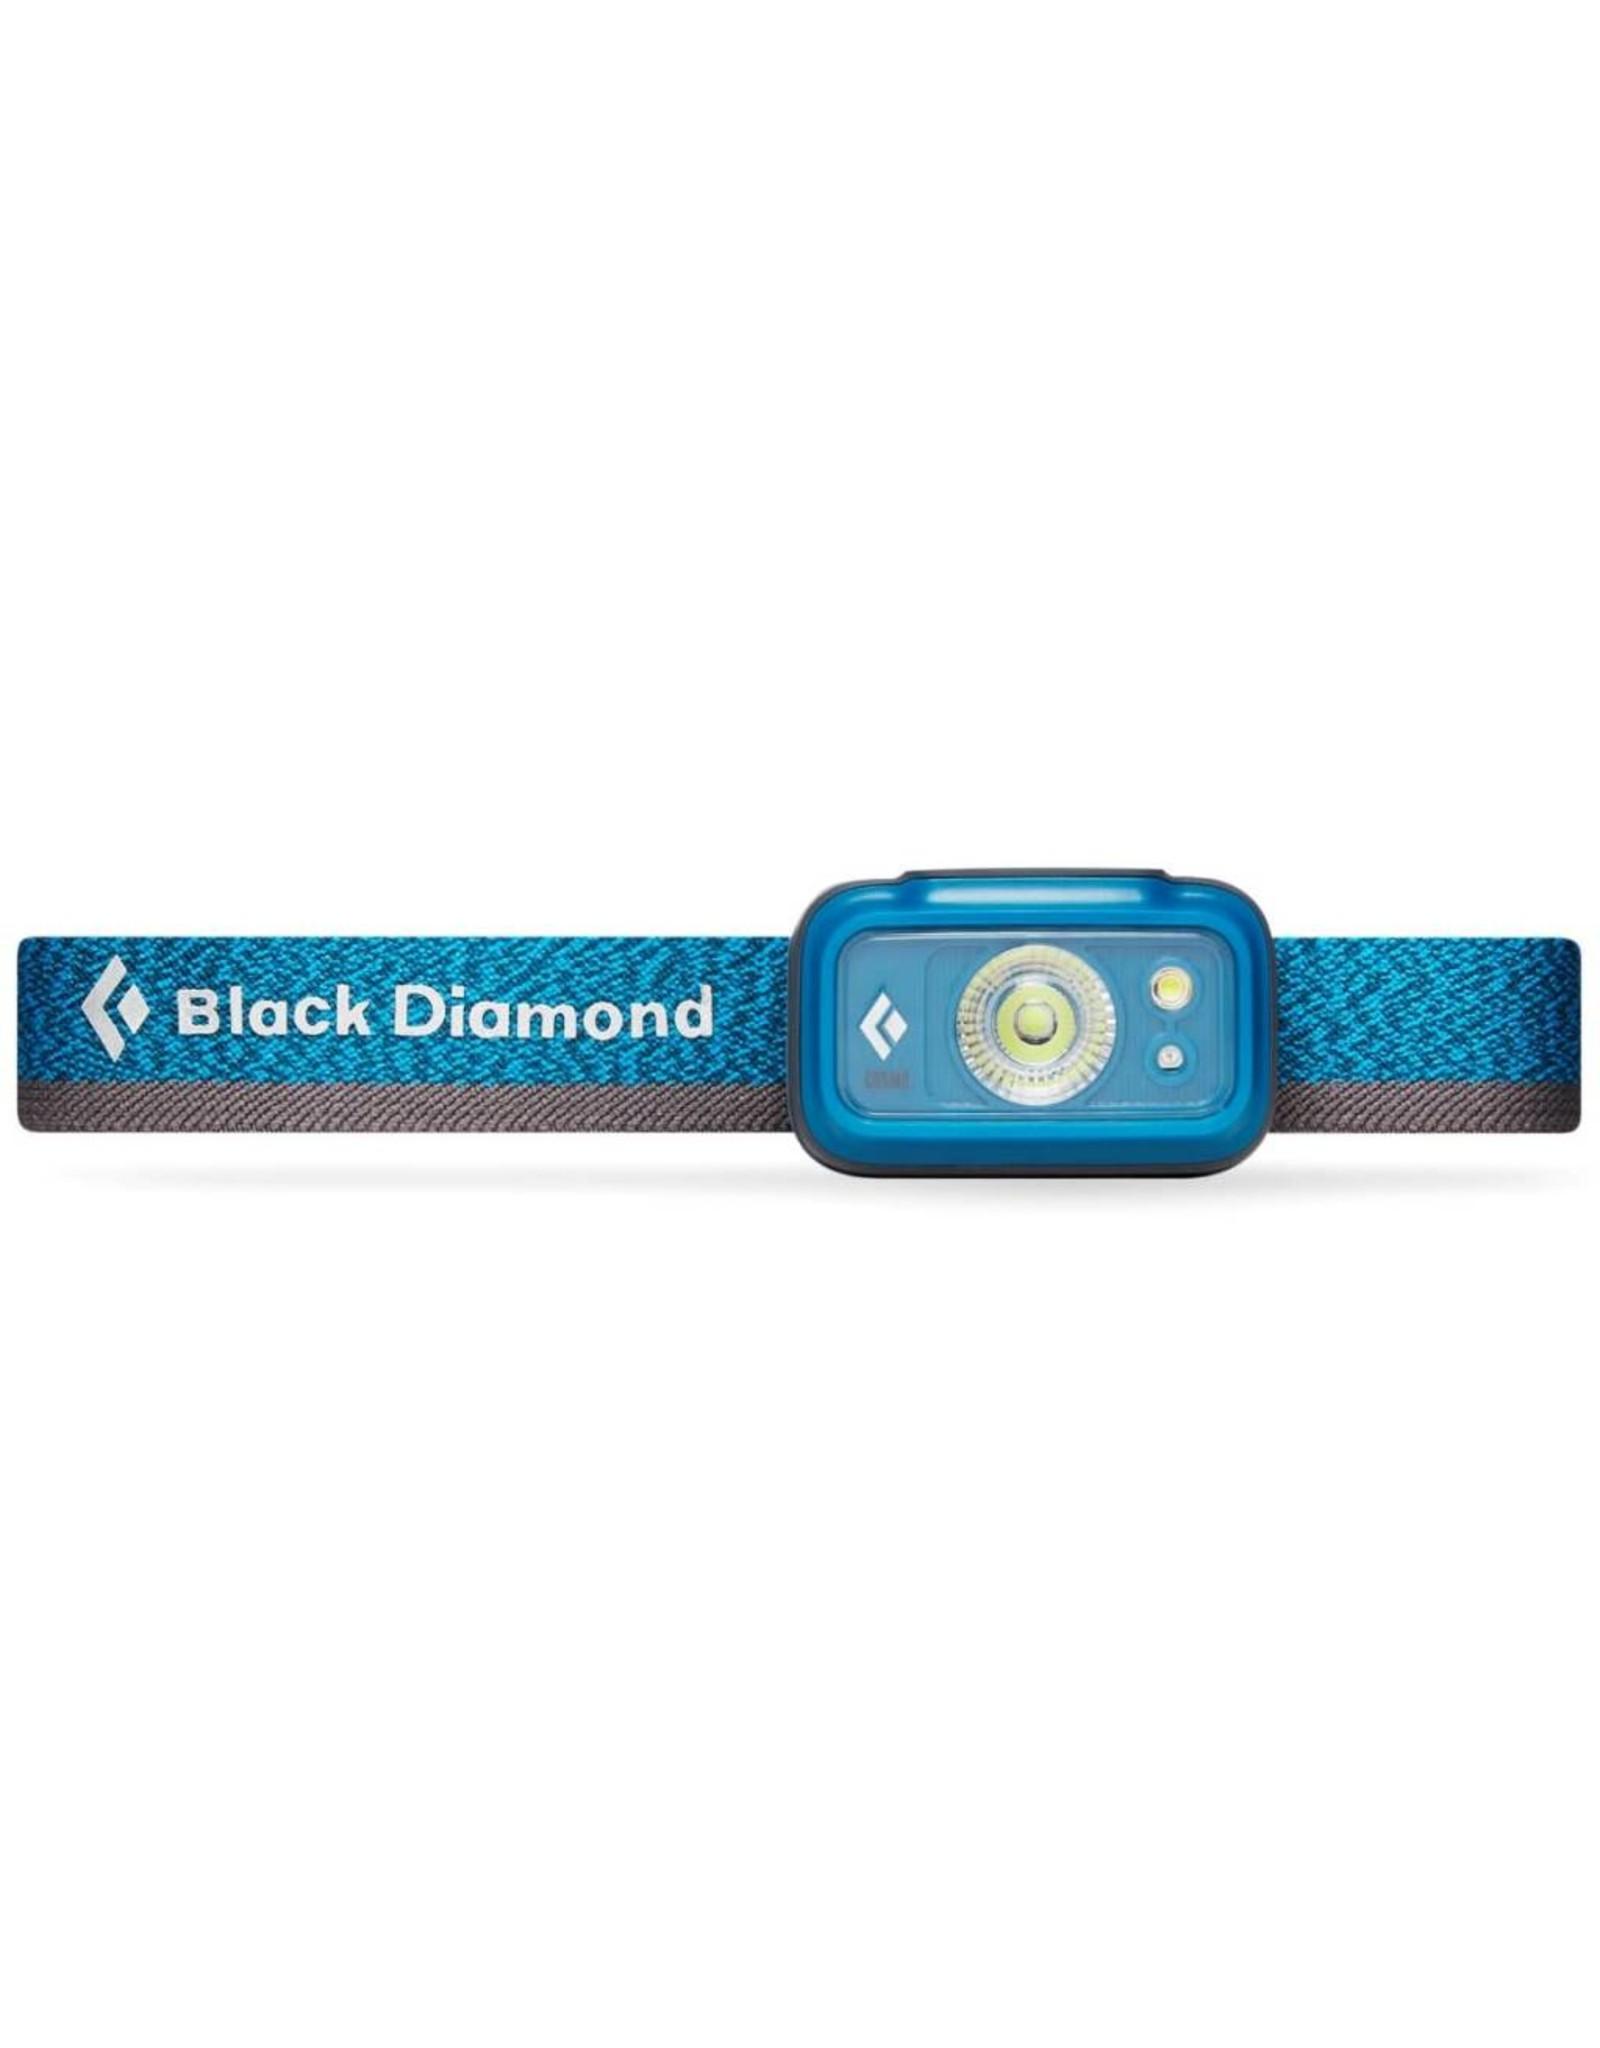 Black Diamond Black Diamond Cosmo 225 Headlamp